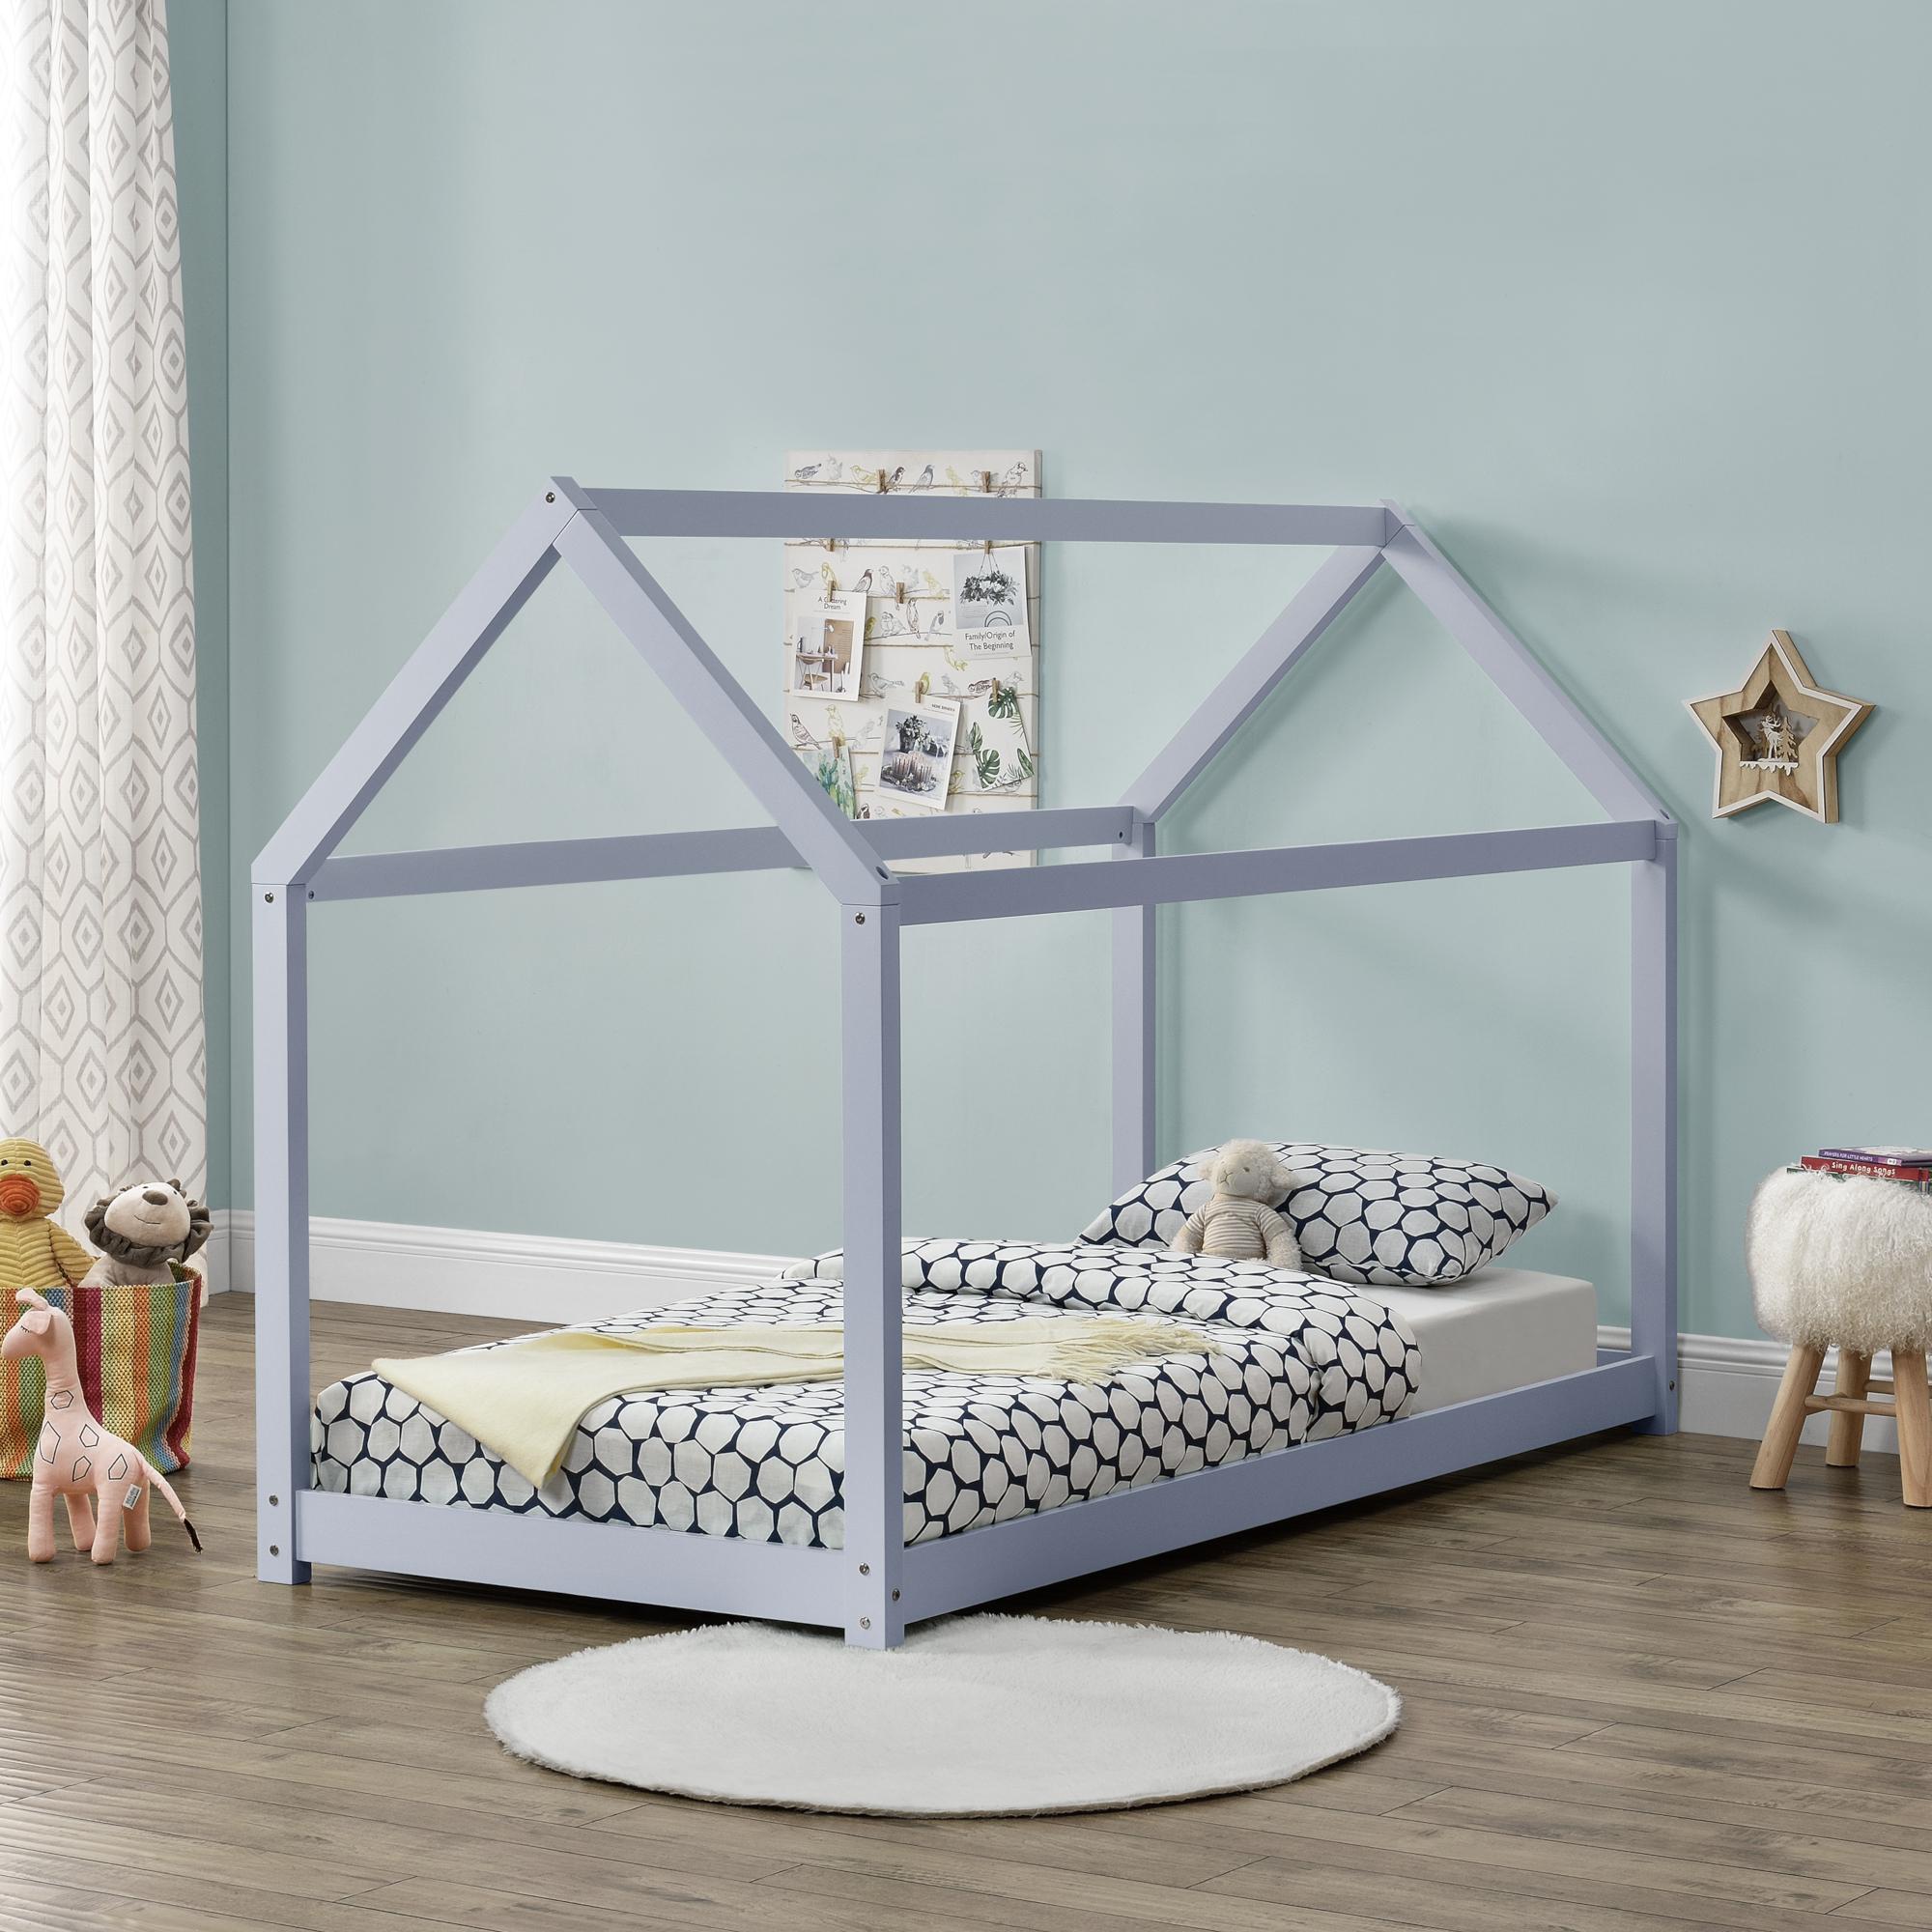 Full Size of Hausbett 100x200 Encasa Kinderbett 90x200cm Haus Holz Hellgrau Bettenhaus Bett Weiß Betten Wohnzimmer Hausbett 100x200